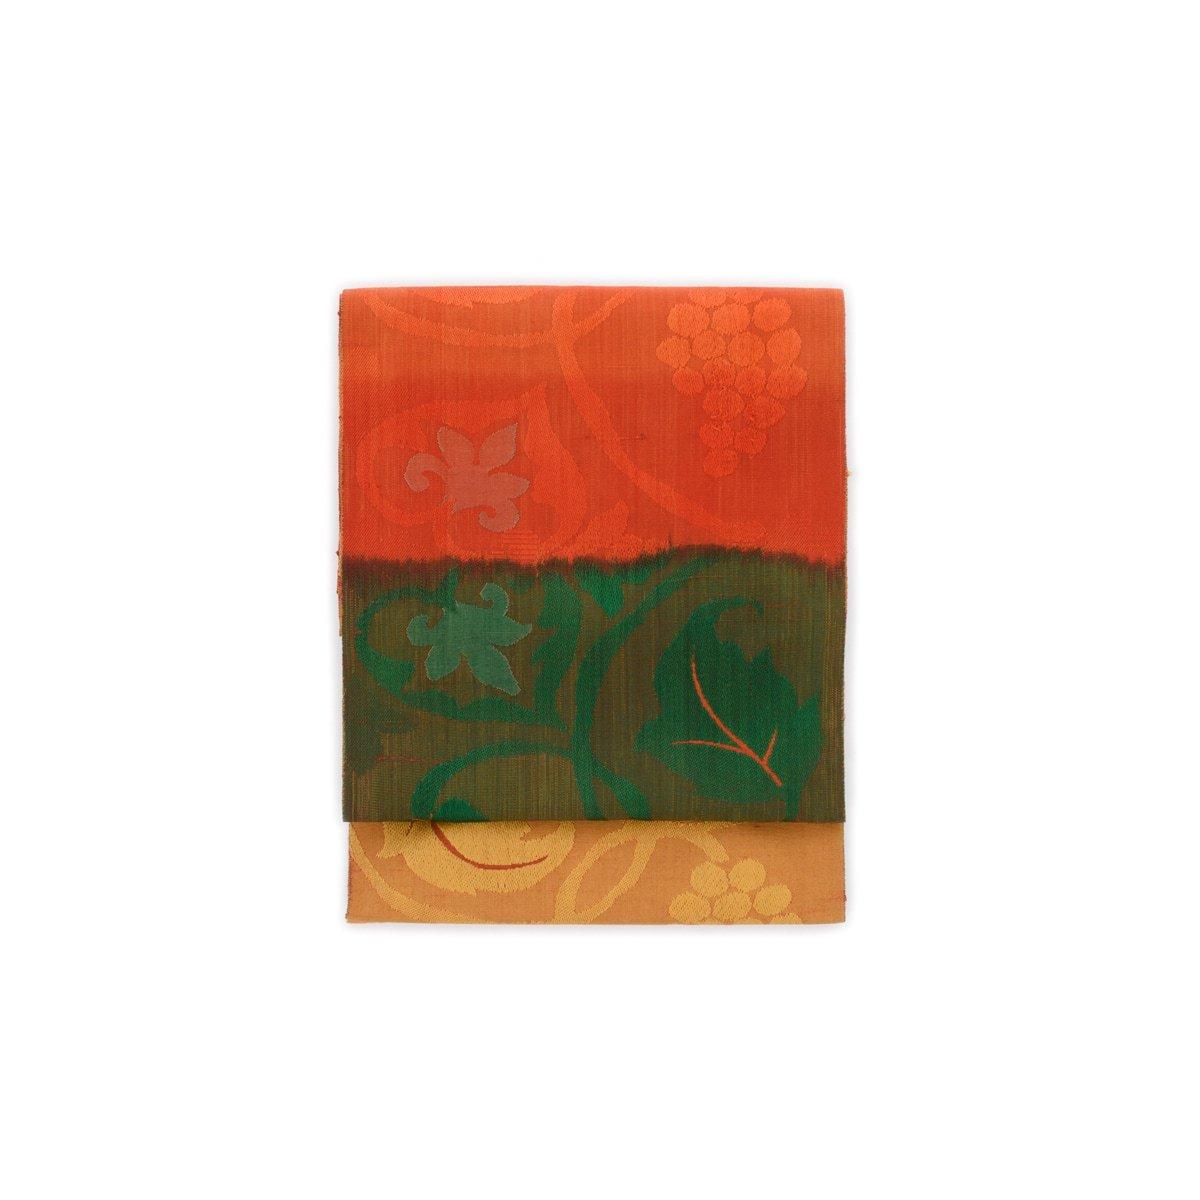 「黄・緑・赤のグラデーション 葡萄唐草」の商品画像